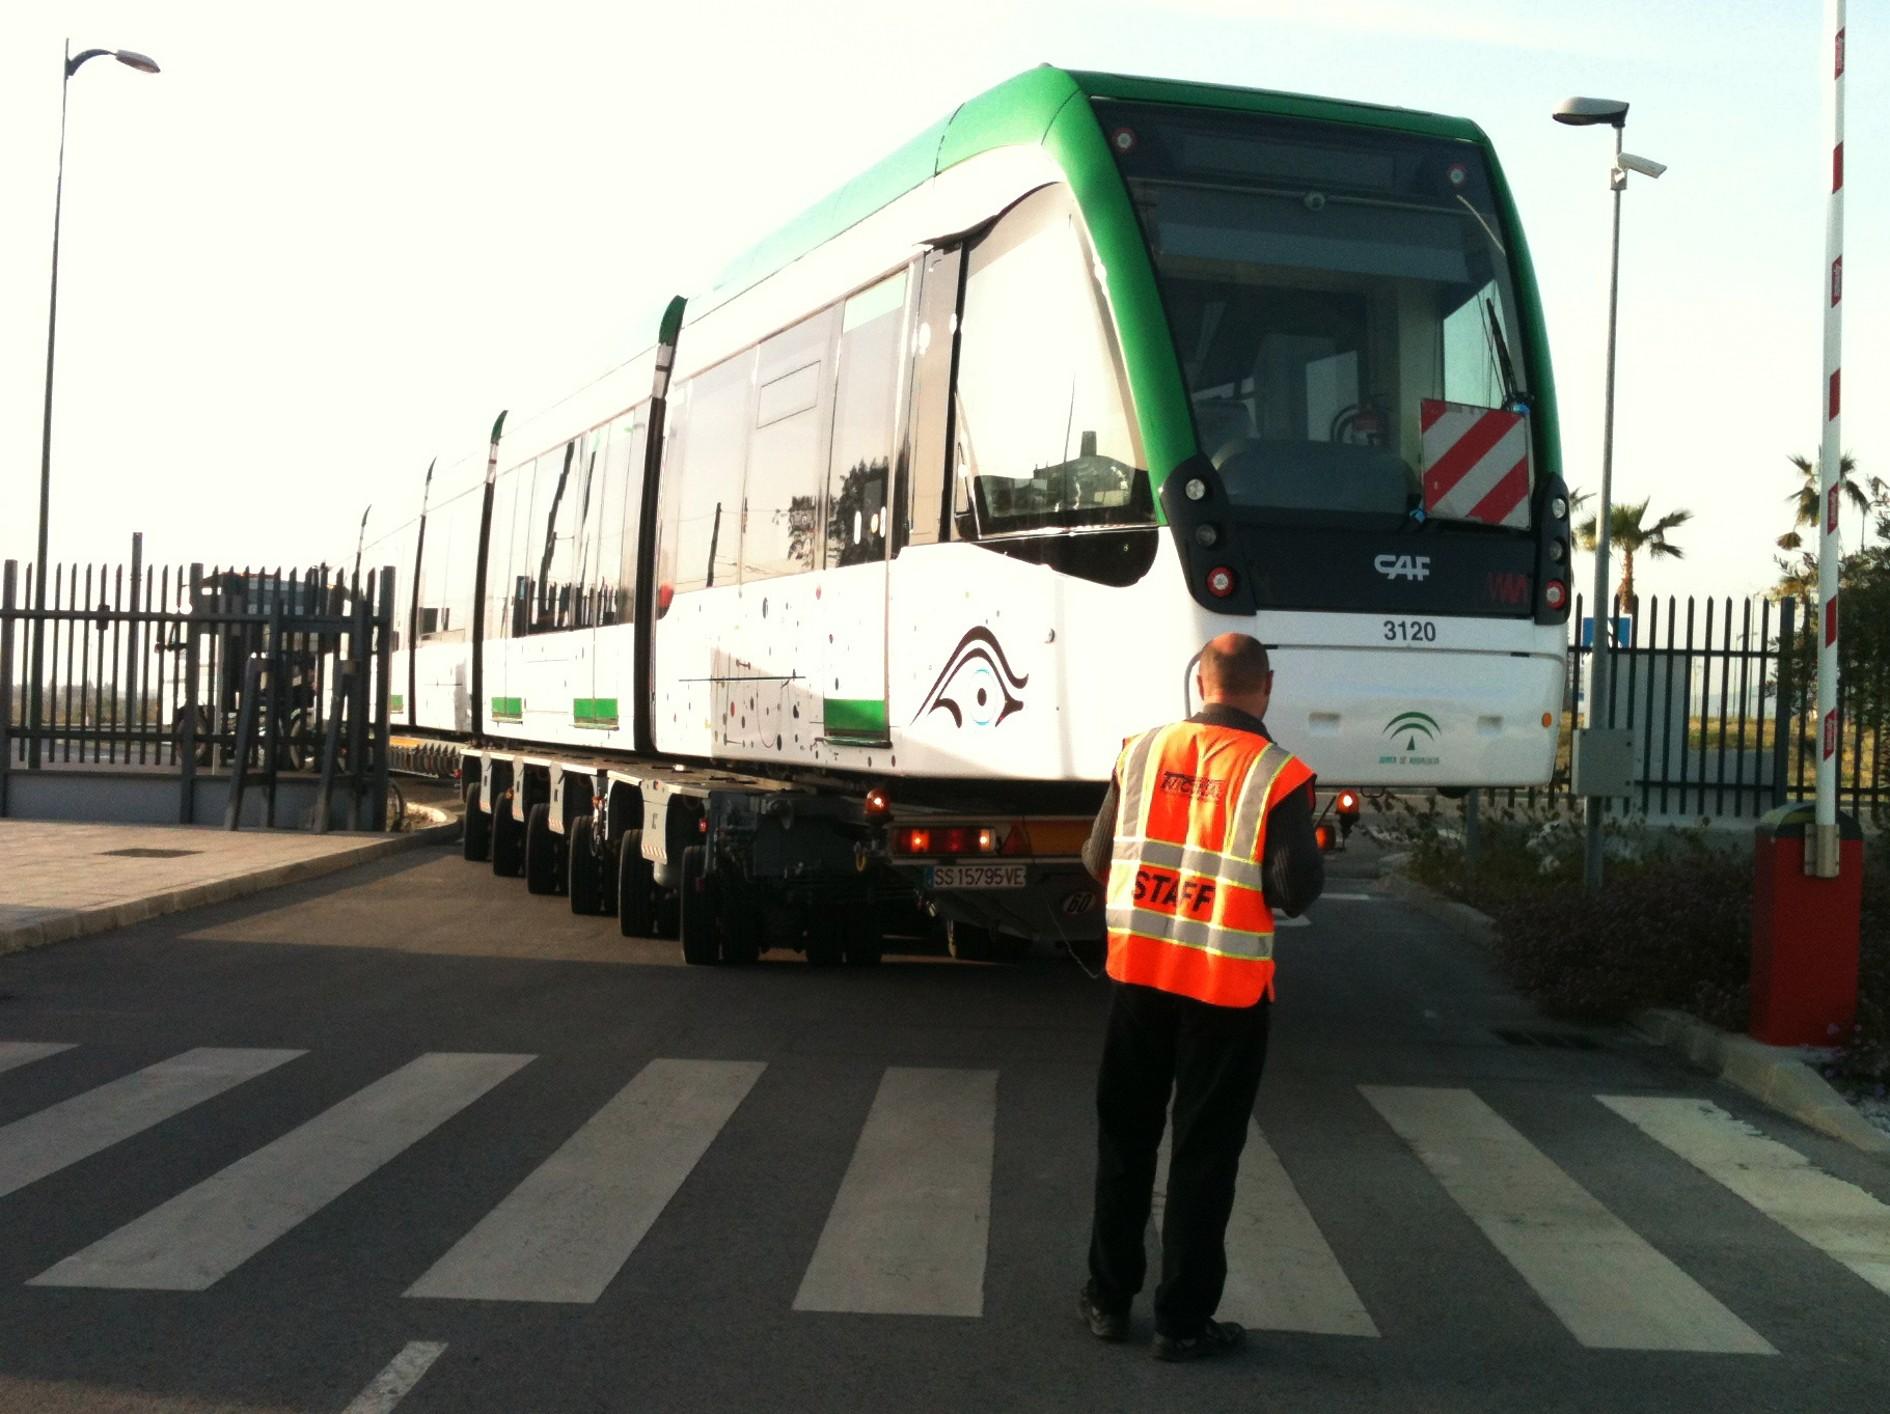 La unidad número 12 llega a las cocheras de metro de Málaga.